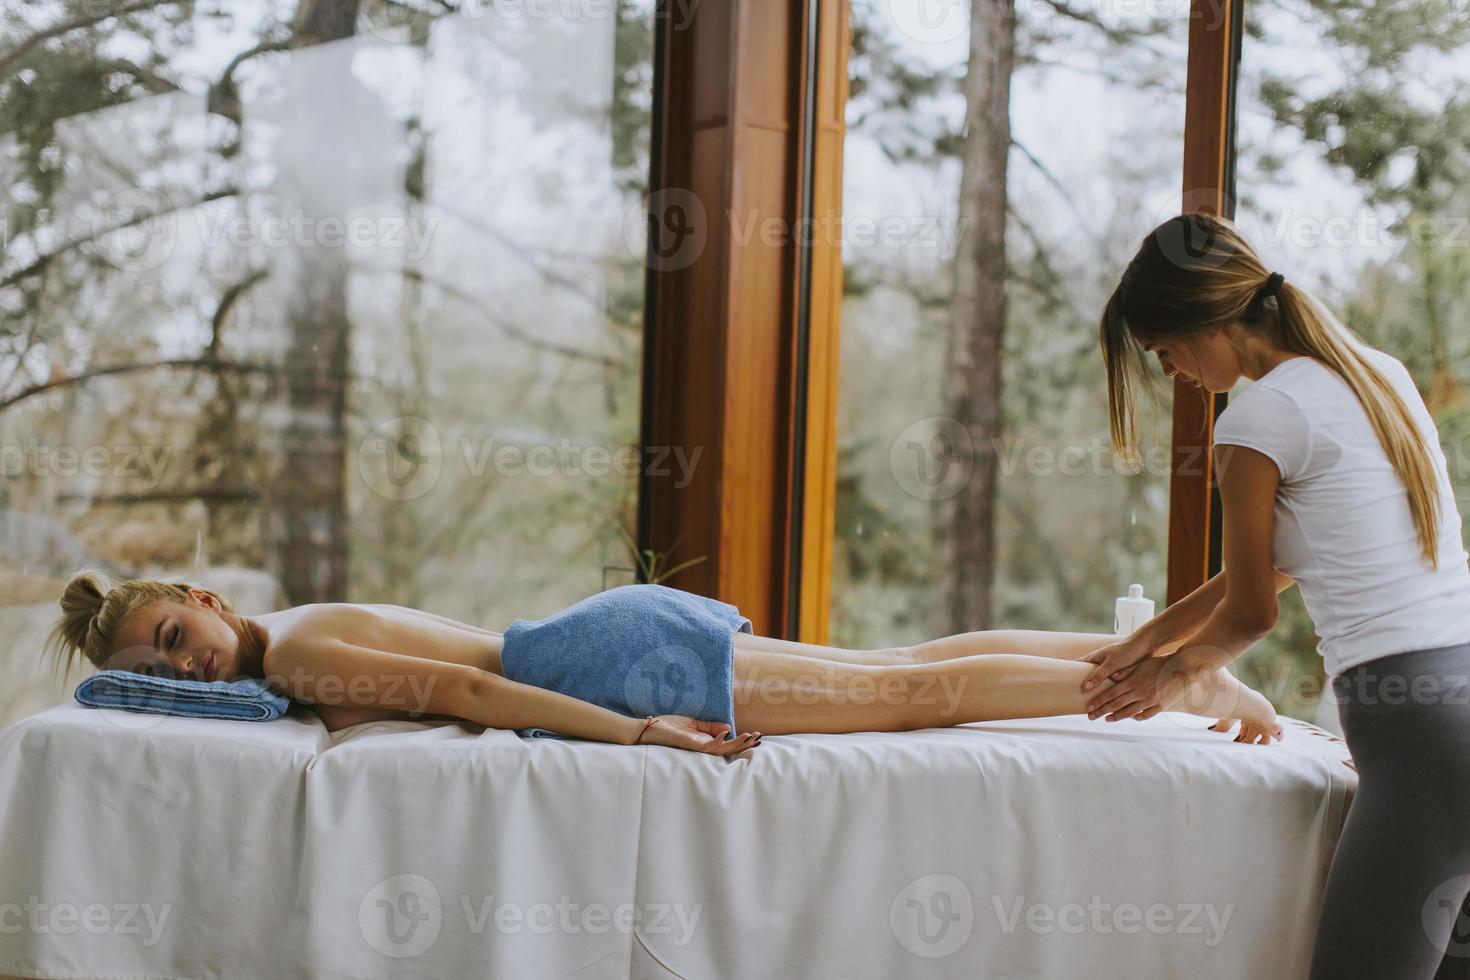 Hermosa joven acostada y con masaje de piernas en el salón de spa durante la temporada de invierno foto